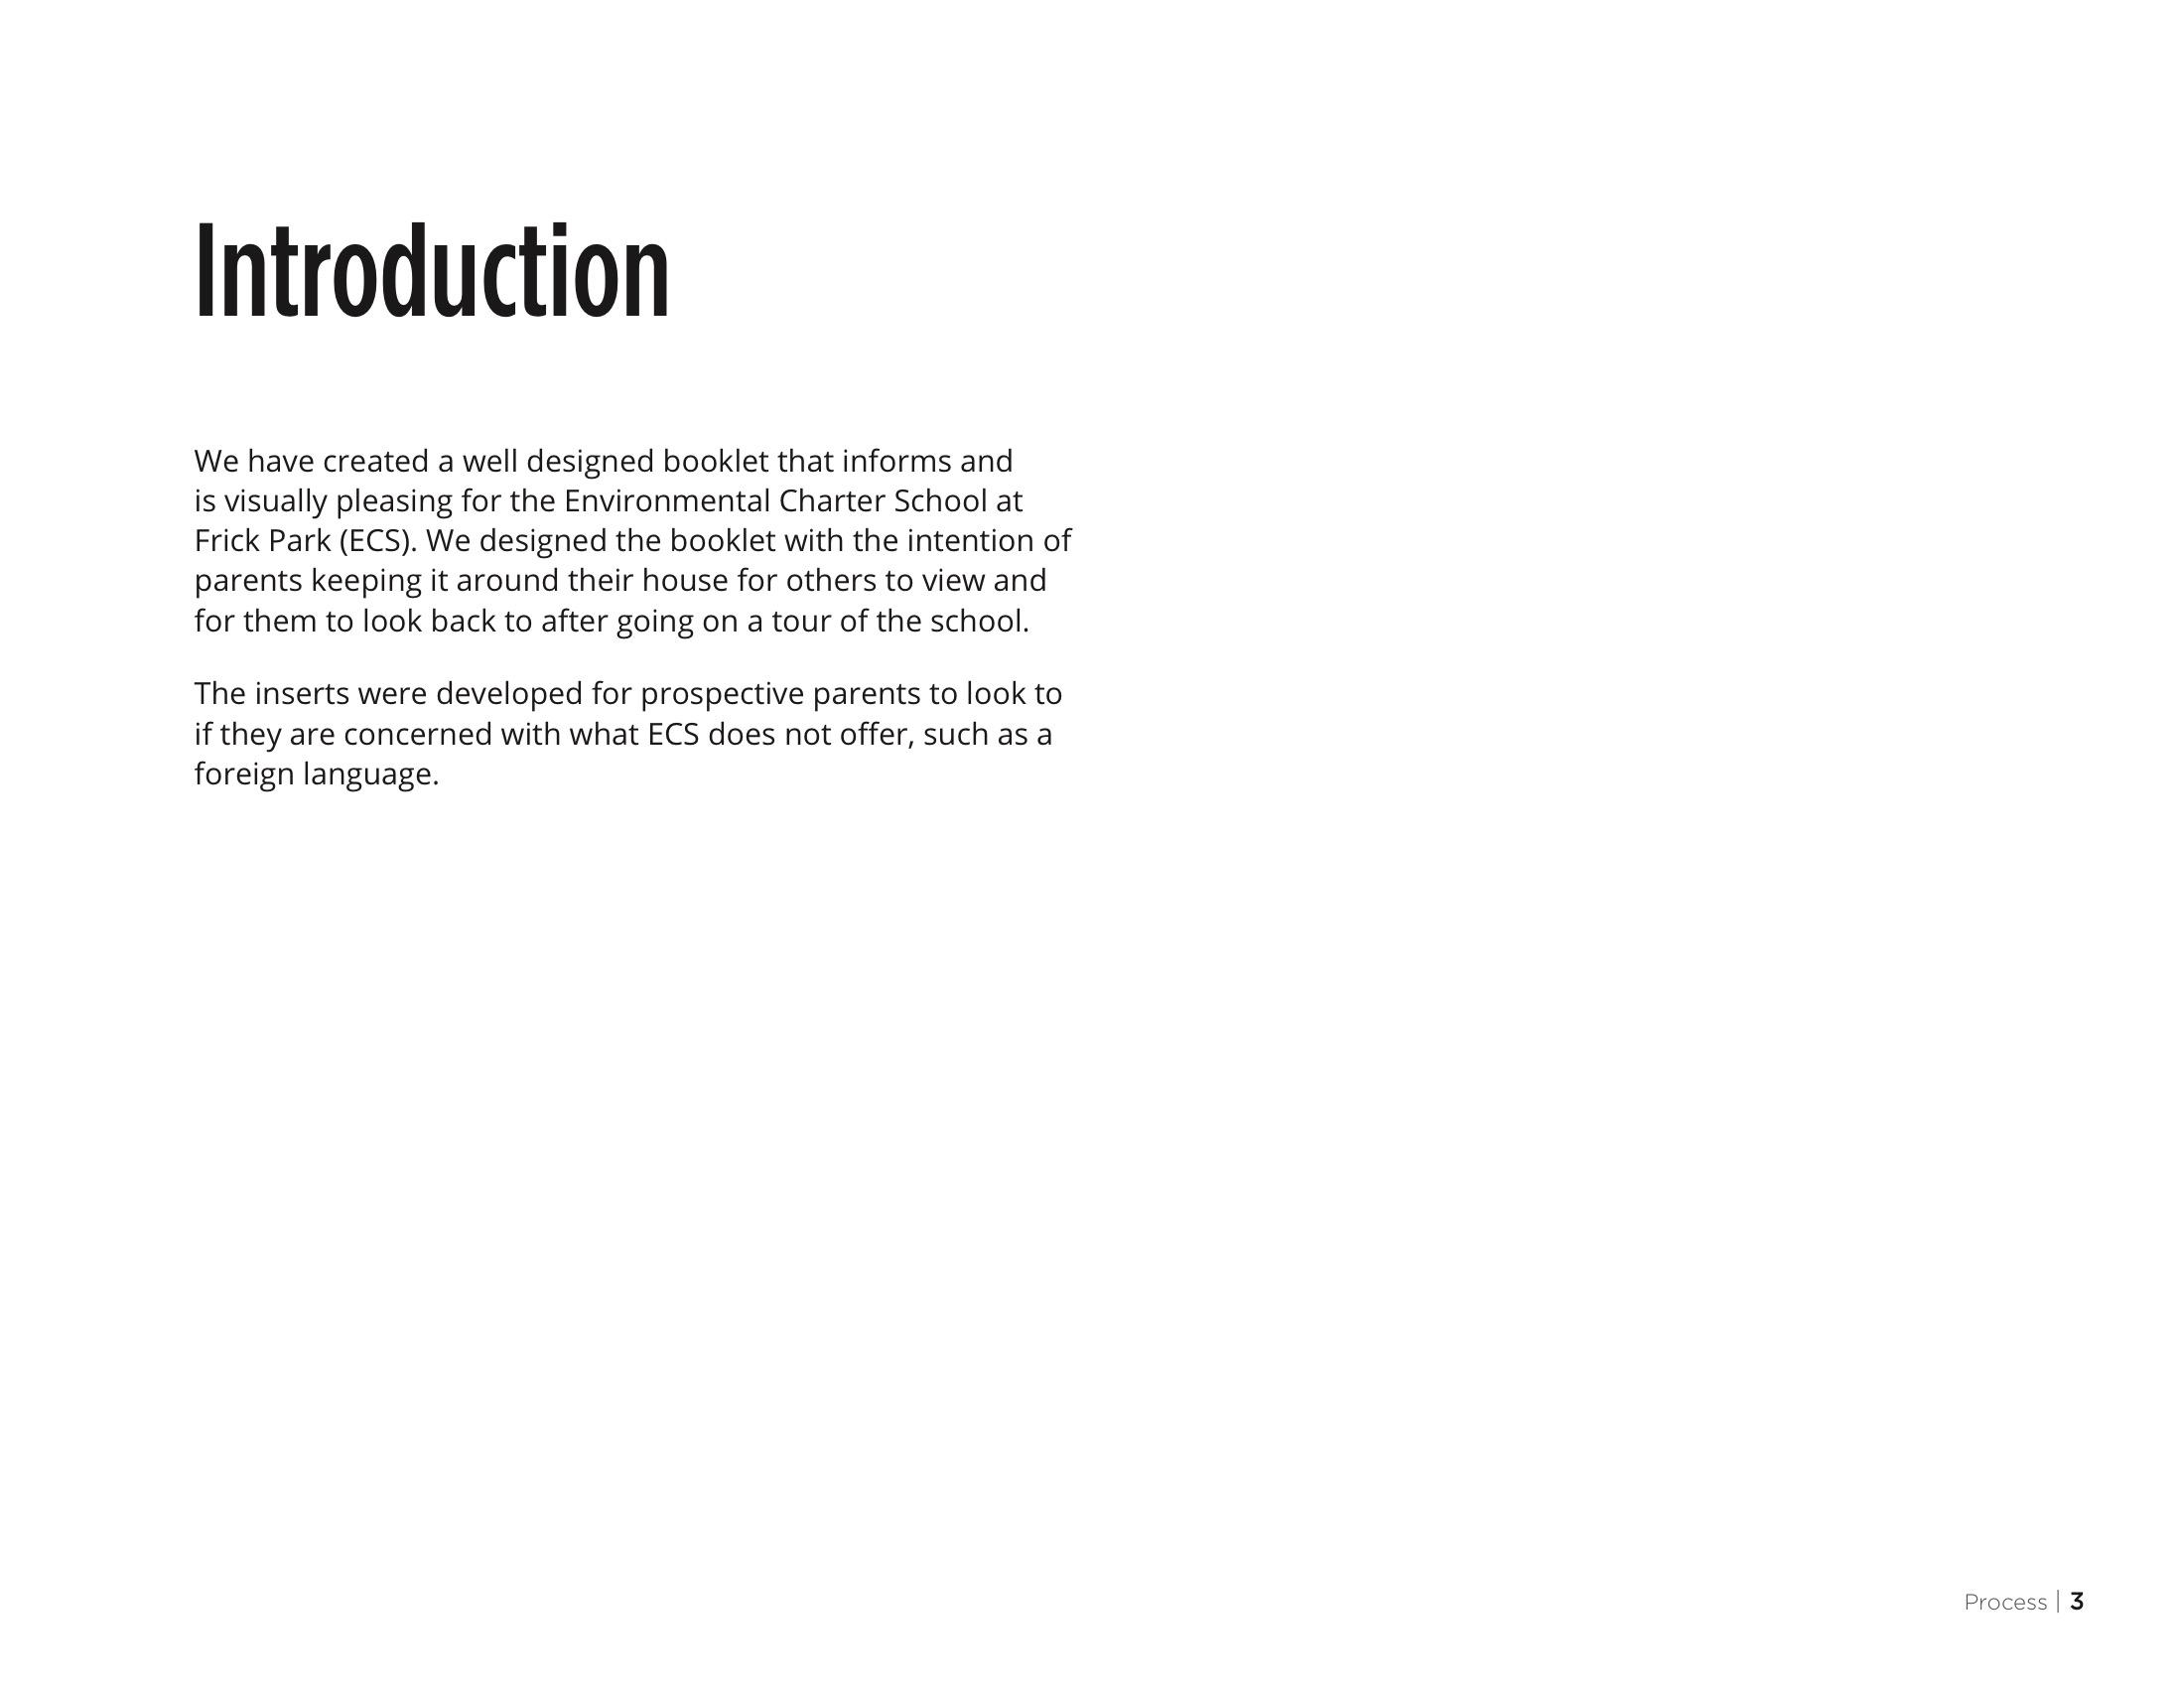 ECS_process 3-3.jpeg